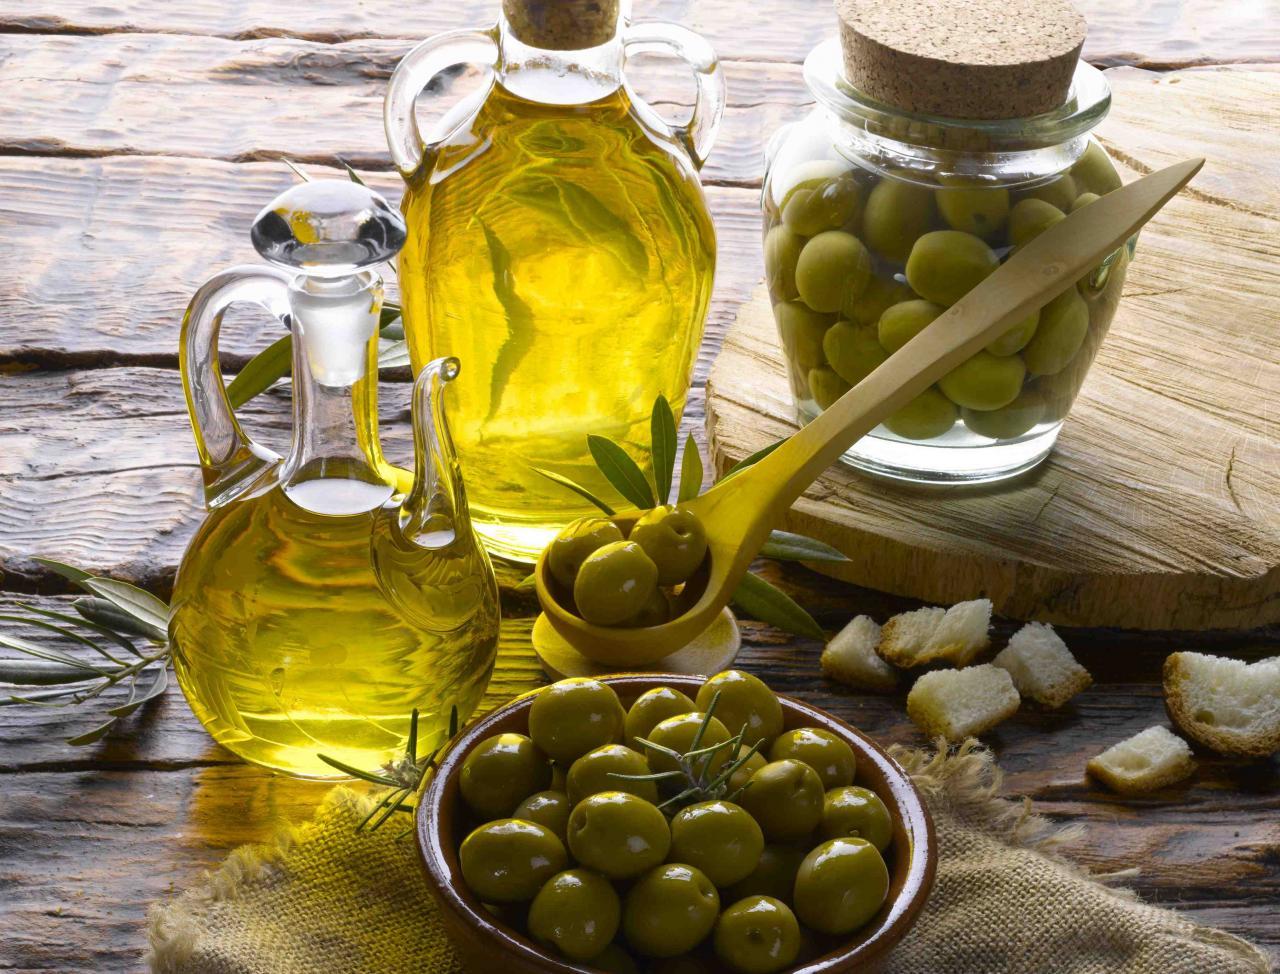 صورة فوائد زيت الزيتون للجلد , وصفات زيت الزيتون لعلاج الالتهابات الجلديه